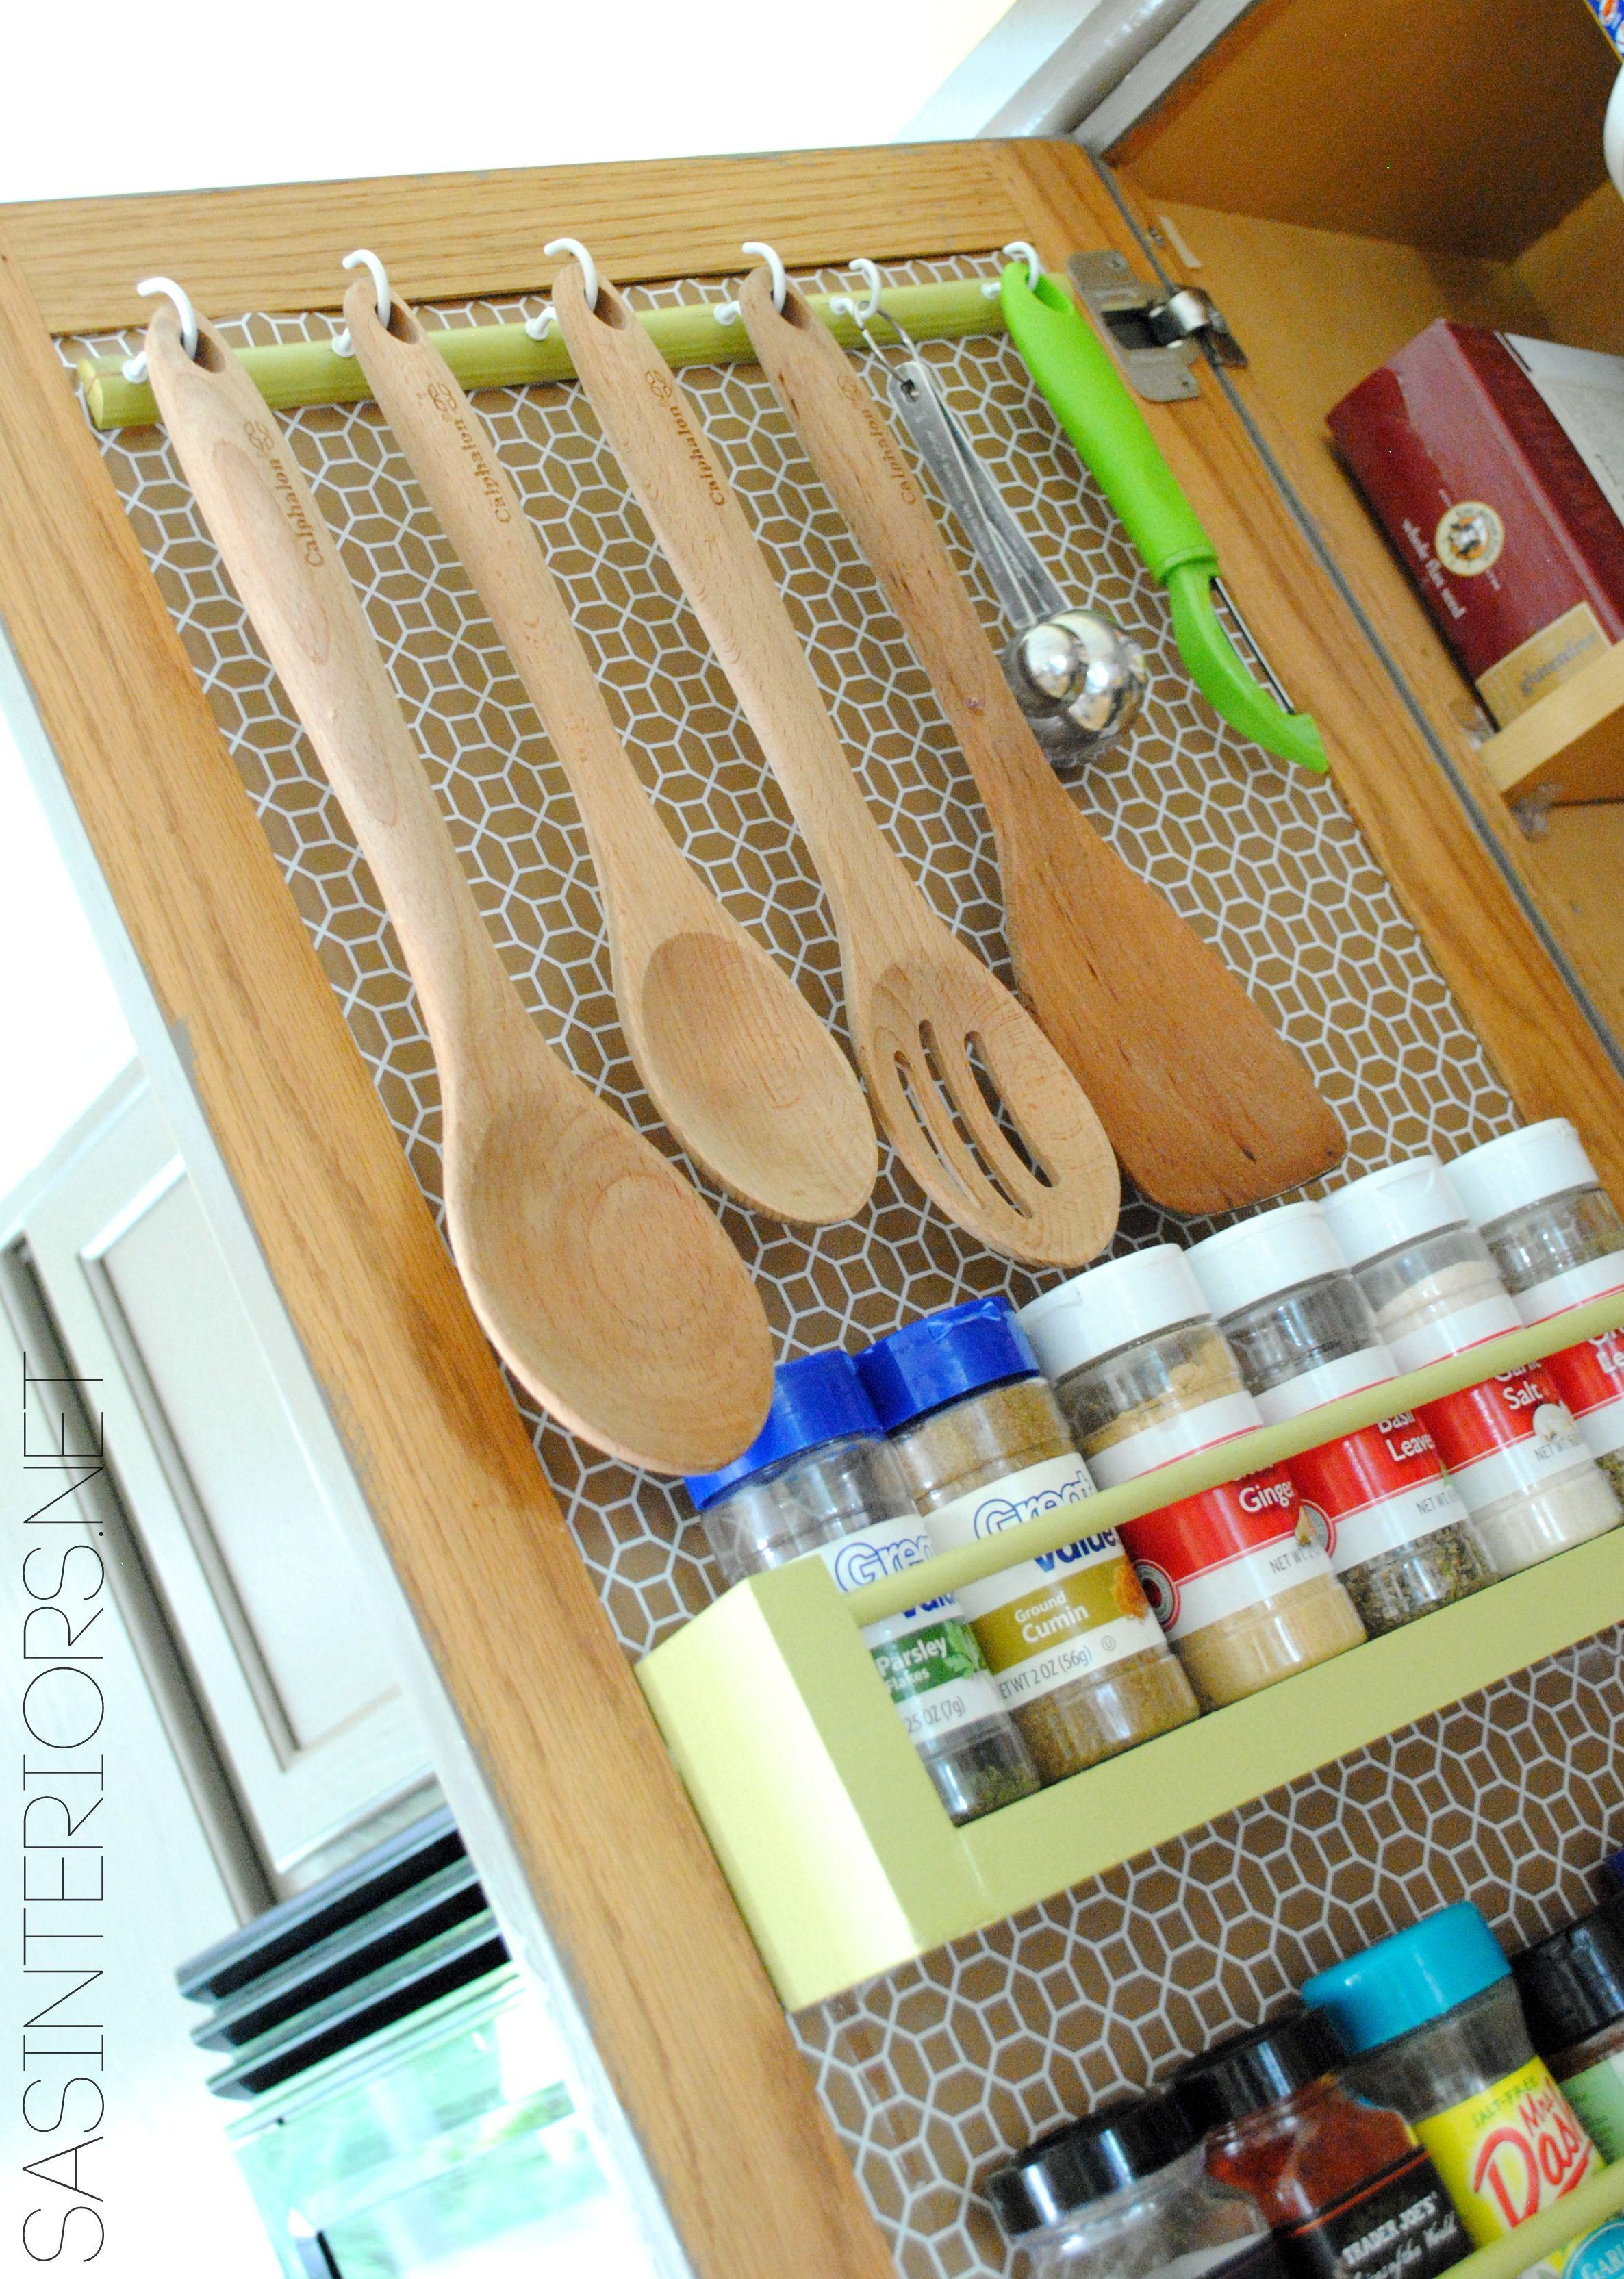 Pin de Kary Arballo en TIPS!! | Pinterest | Cocinas, Organizadores y ...